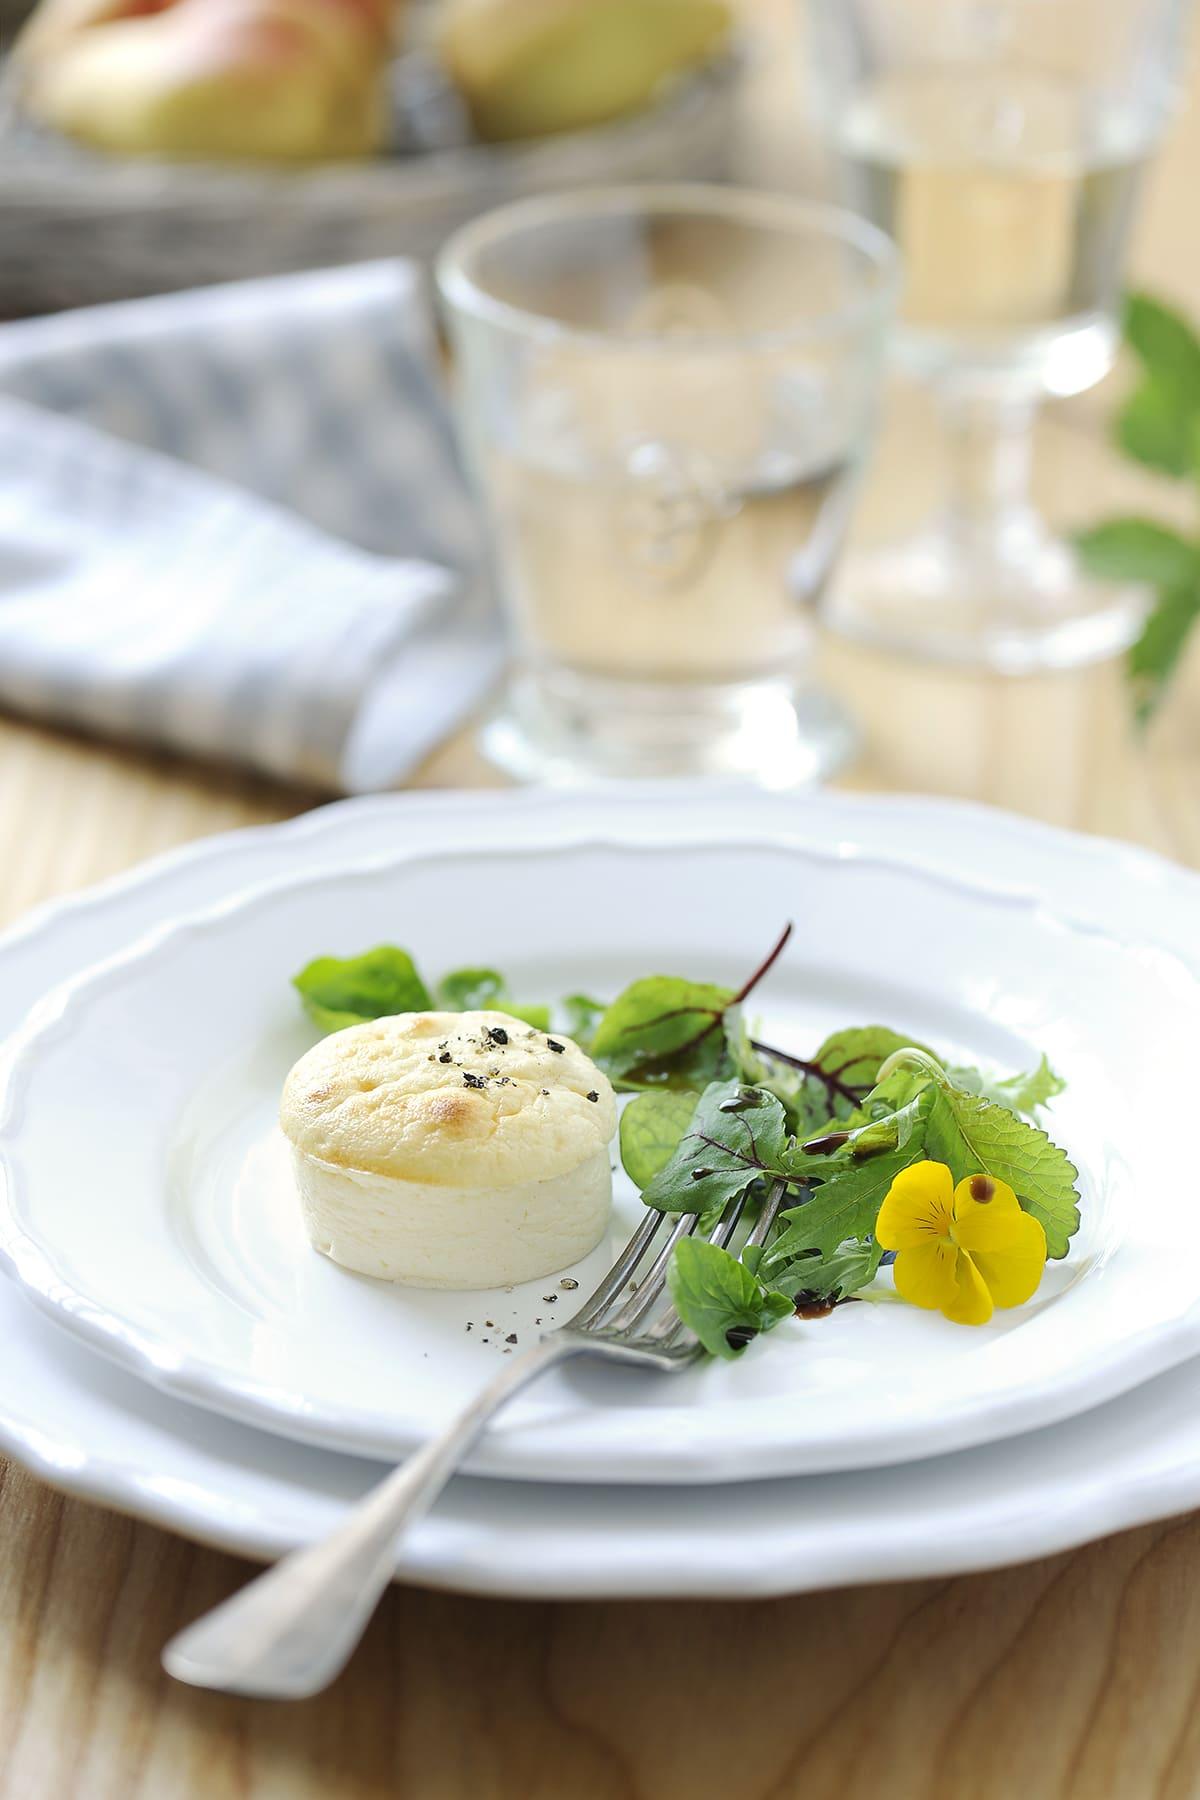 Auflauf von Antje Plewinski Foodfotografie